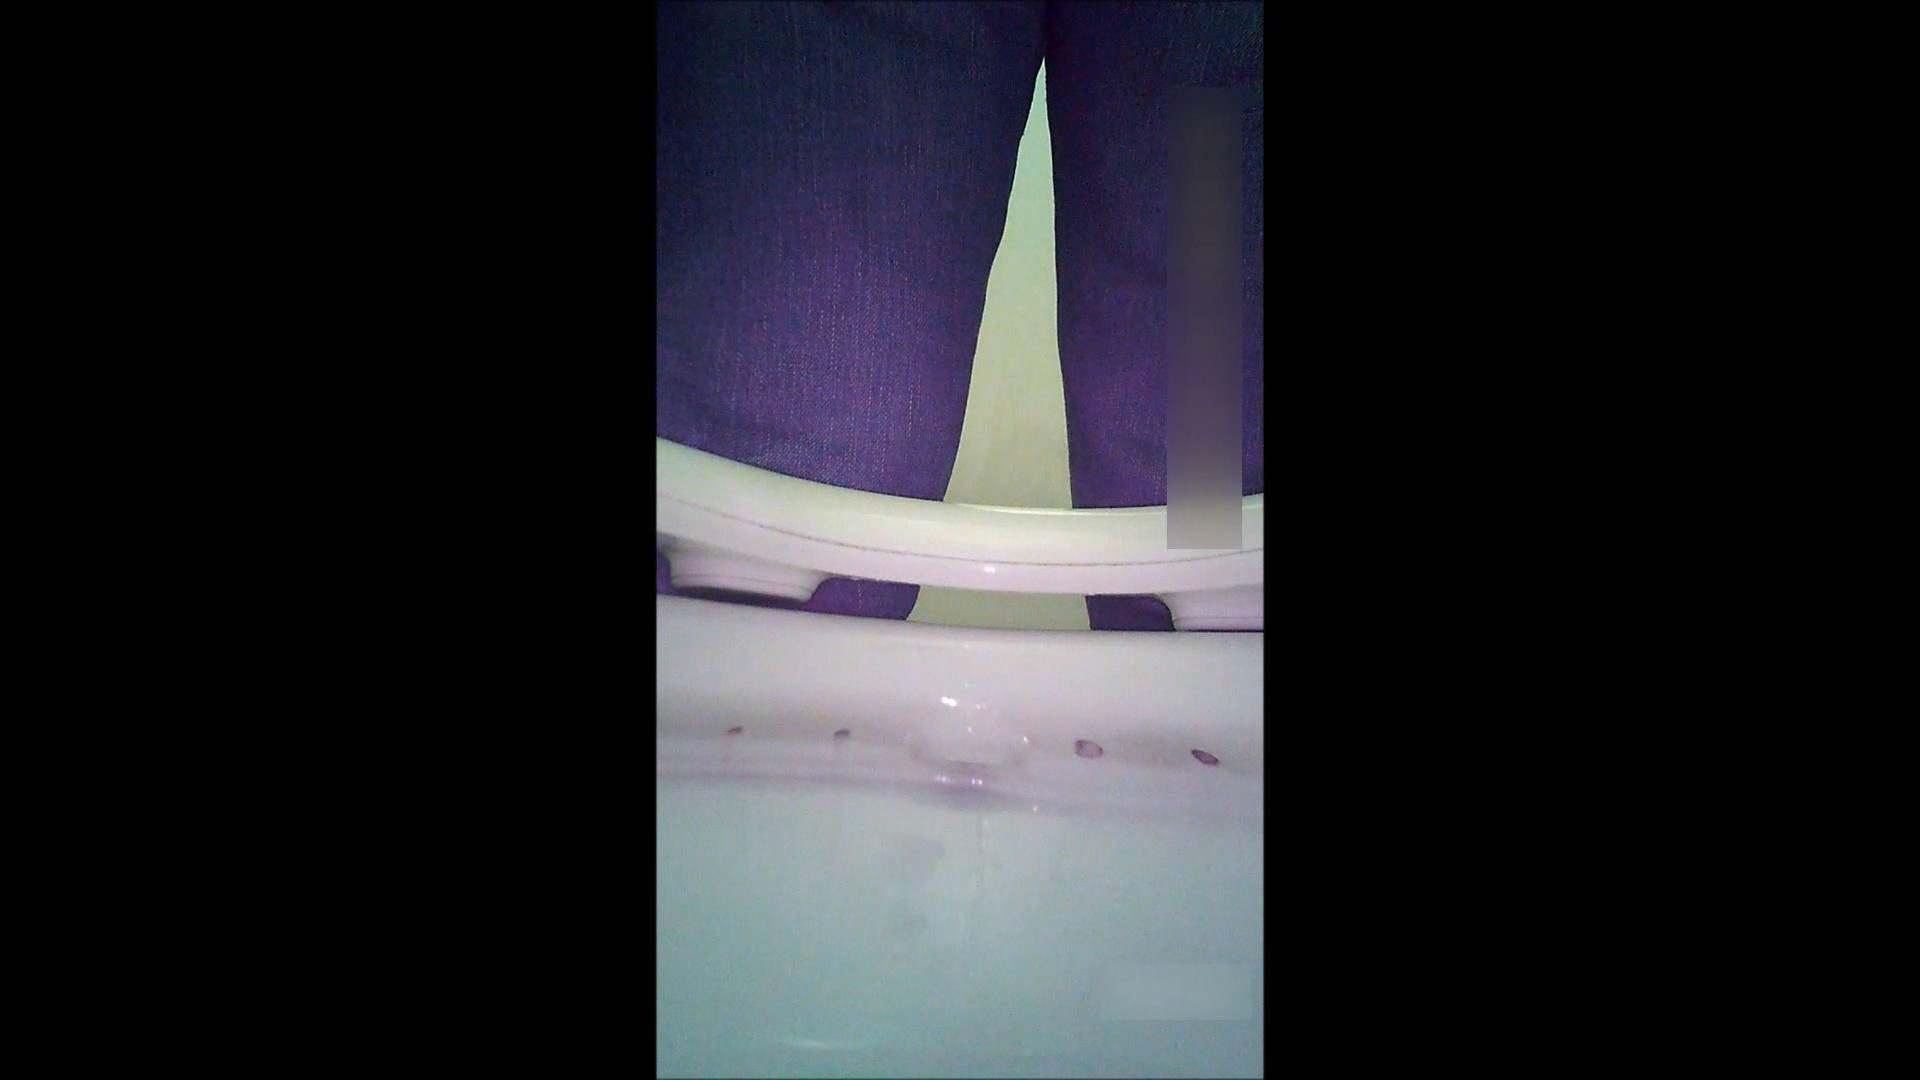 キレカワ女子大生の秘密の洗面所!Vol.051 女子大生丸裸 AV動画キャプチャ 95pic 12